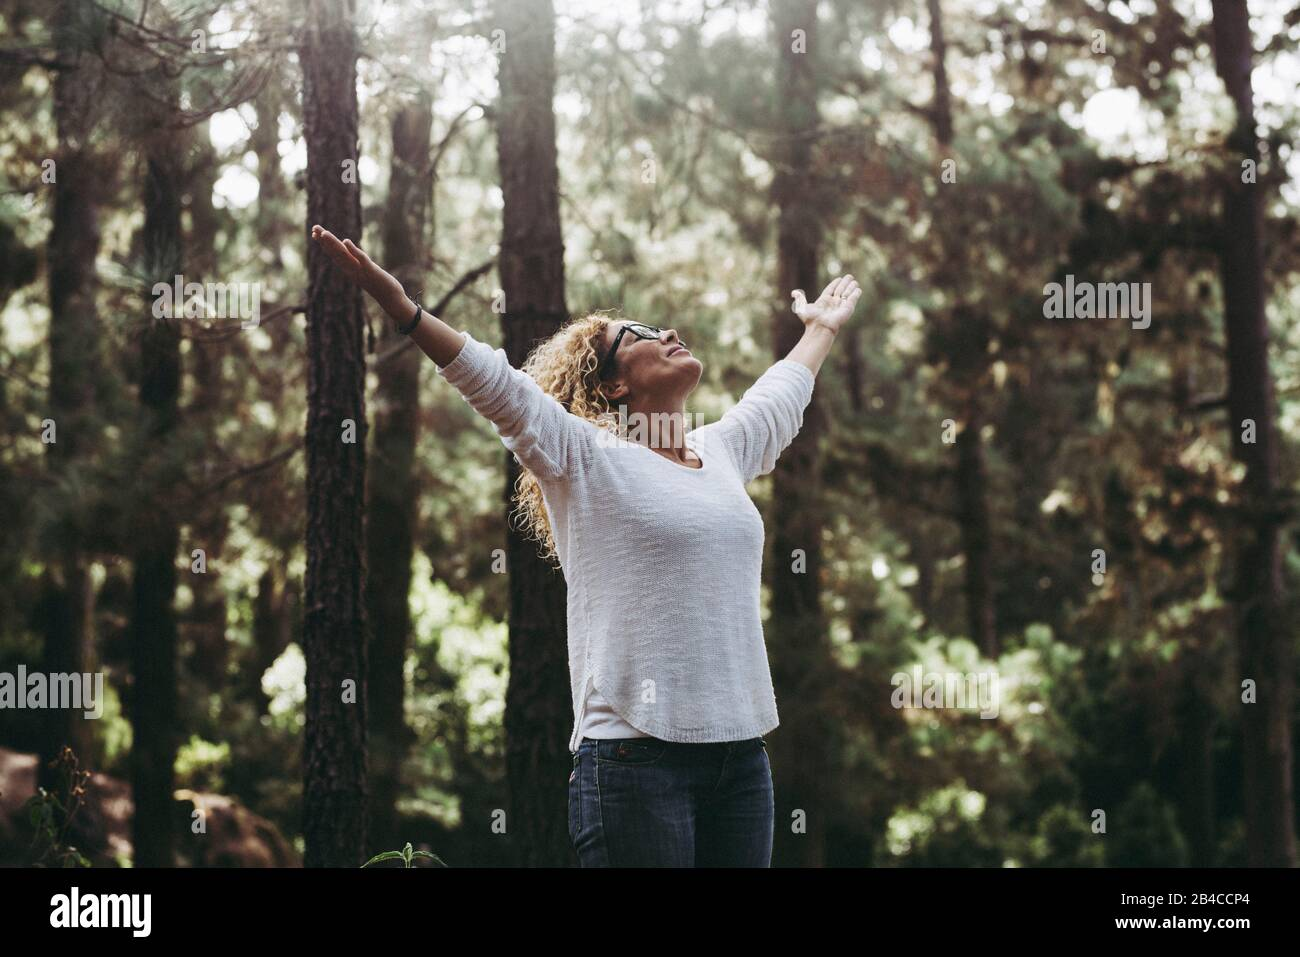 Salvar el planeta para un mejor concepto de futuro limpio y verde - gente caucásica joven mujer abriendo los brazos en el bosque para detener la deforestación y ayudar al mundo Foto de stock